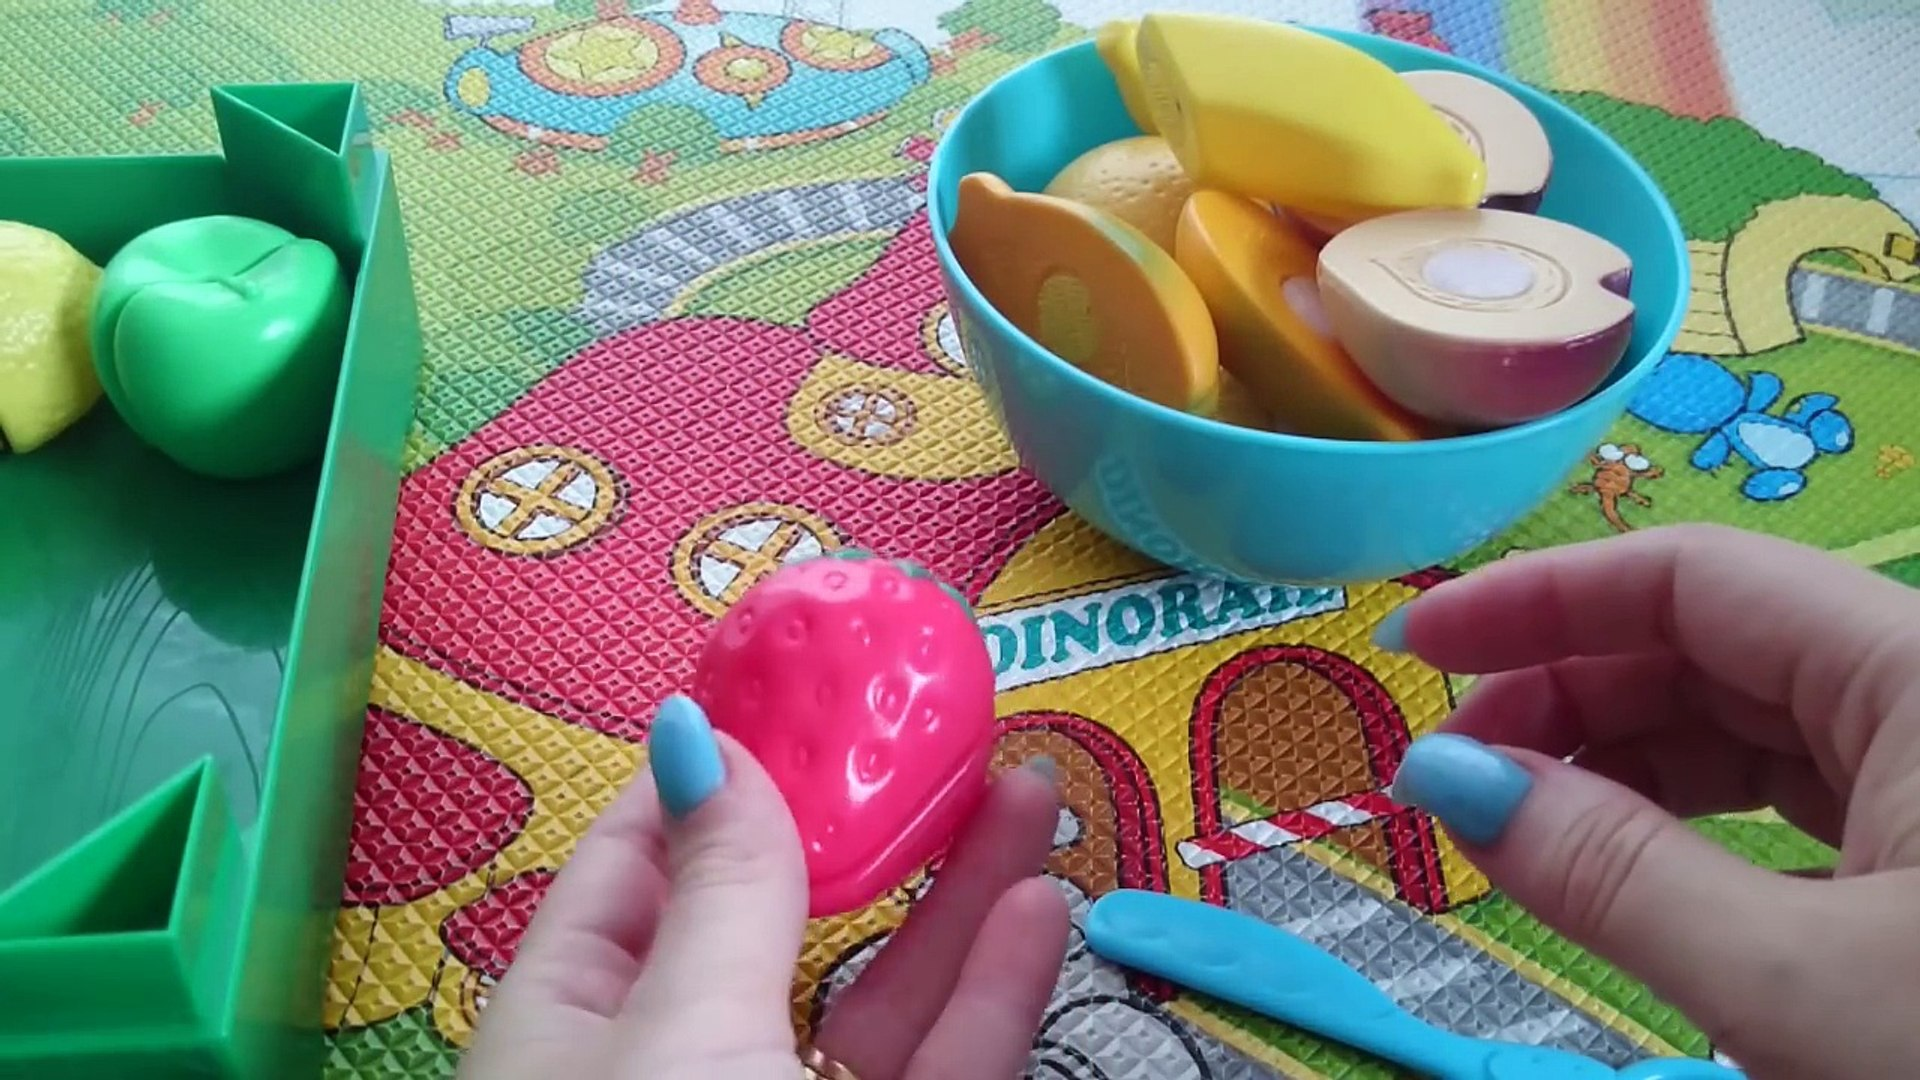 Режем фрукты и овощи на липучках. Открываем игровой набор игрушек. Toy velcro cutting frui